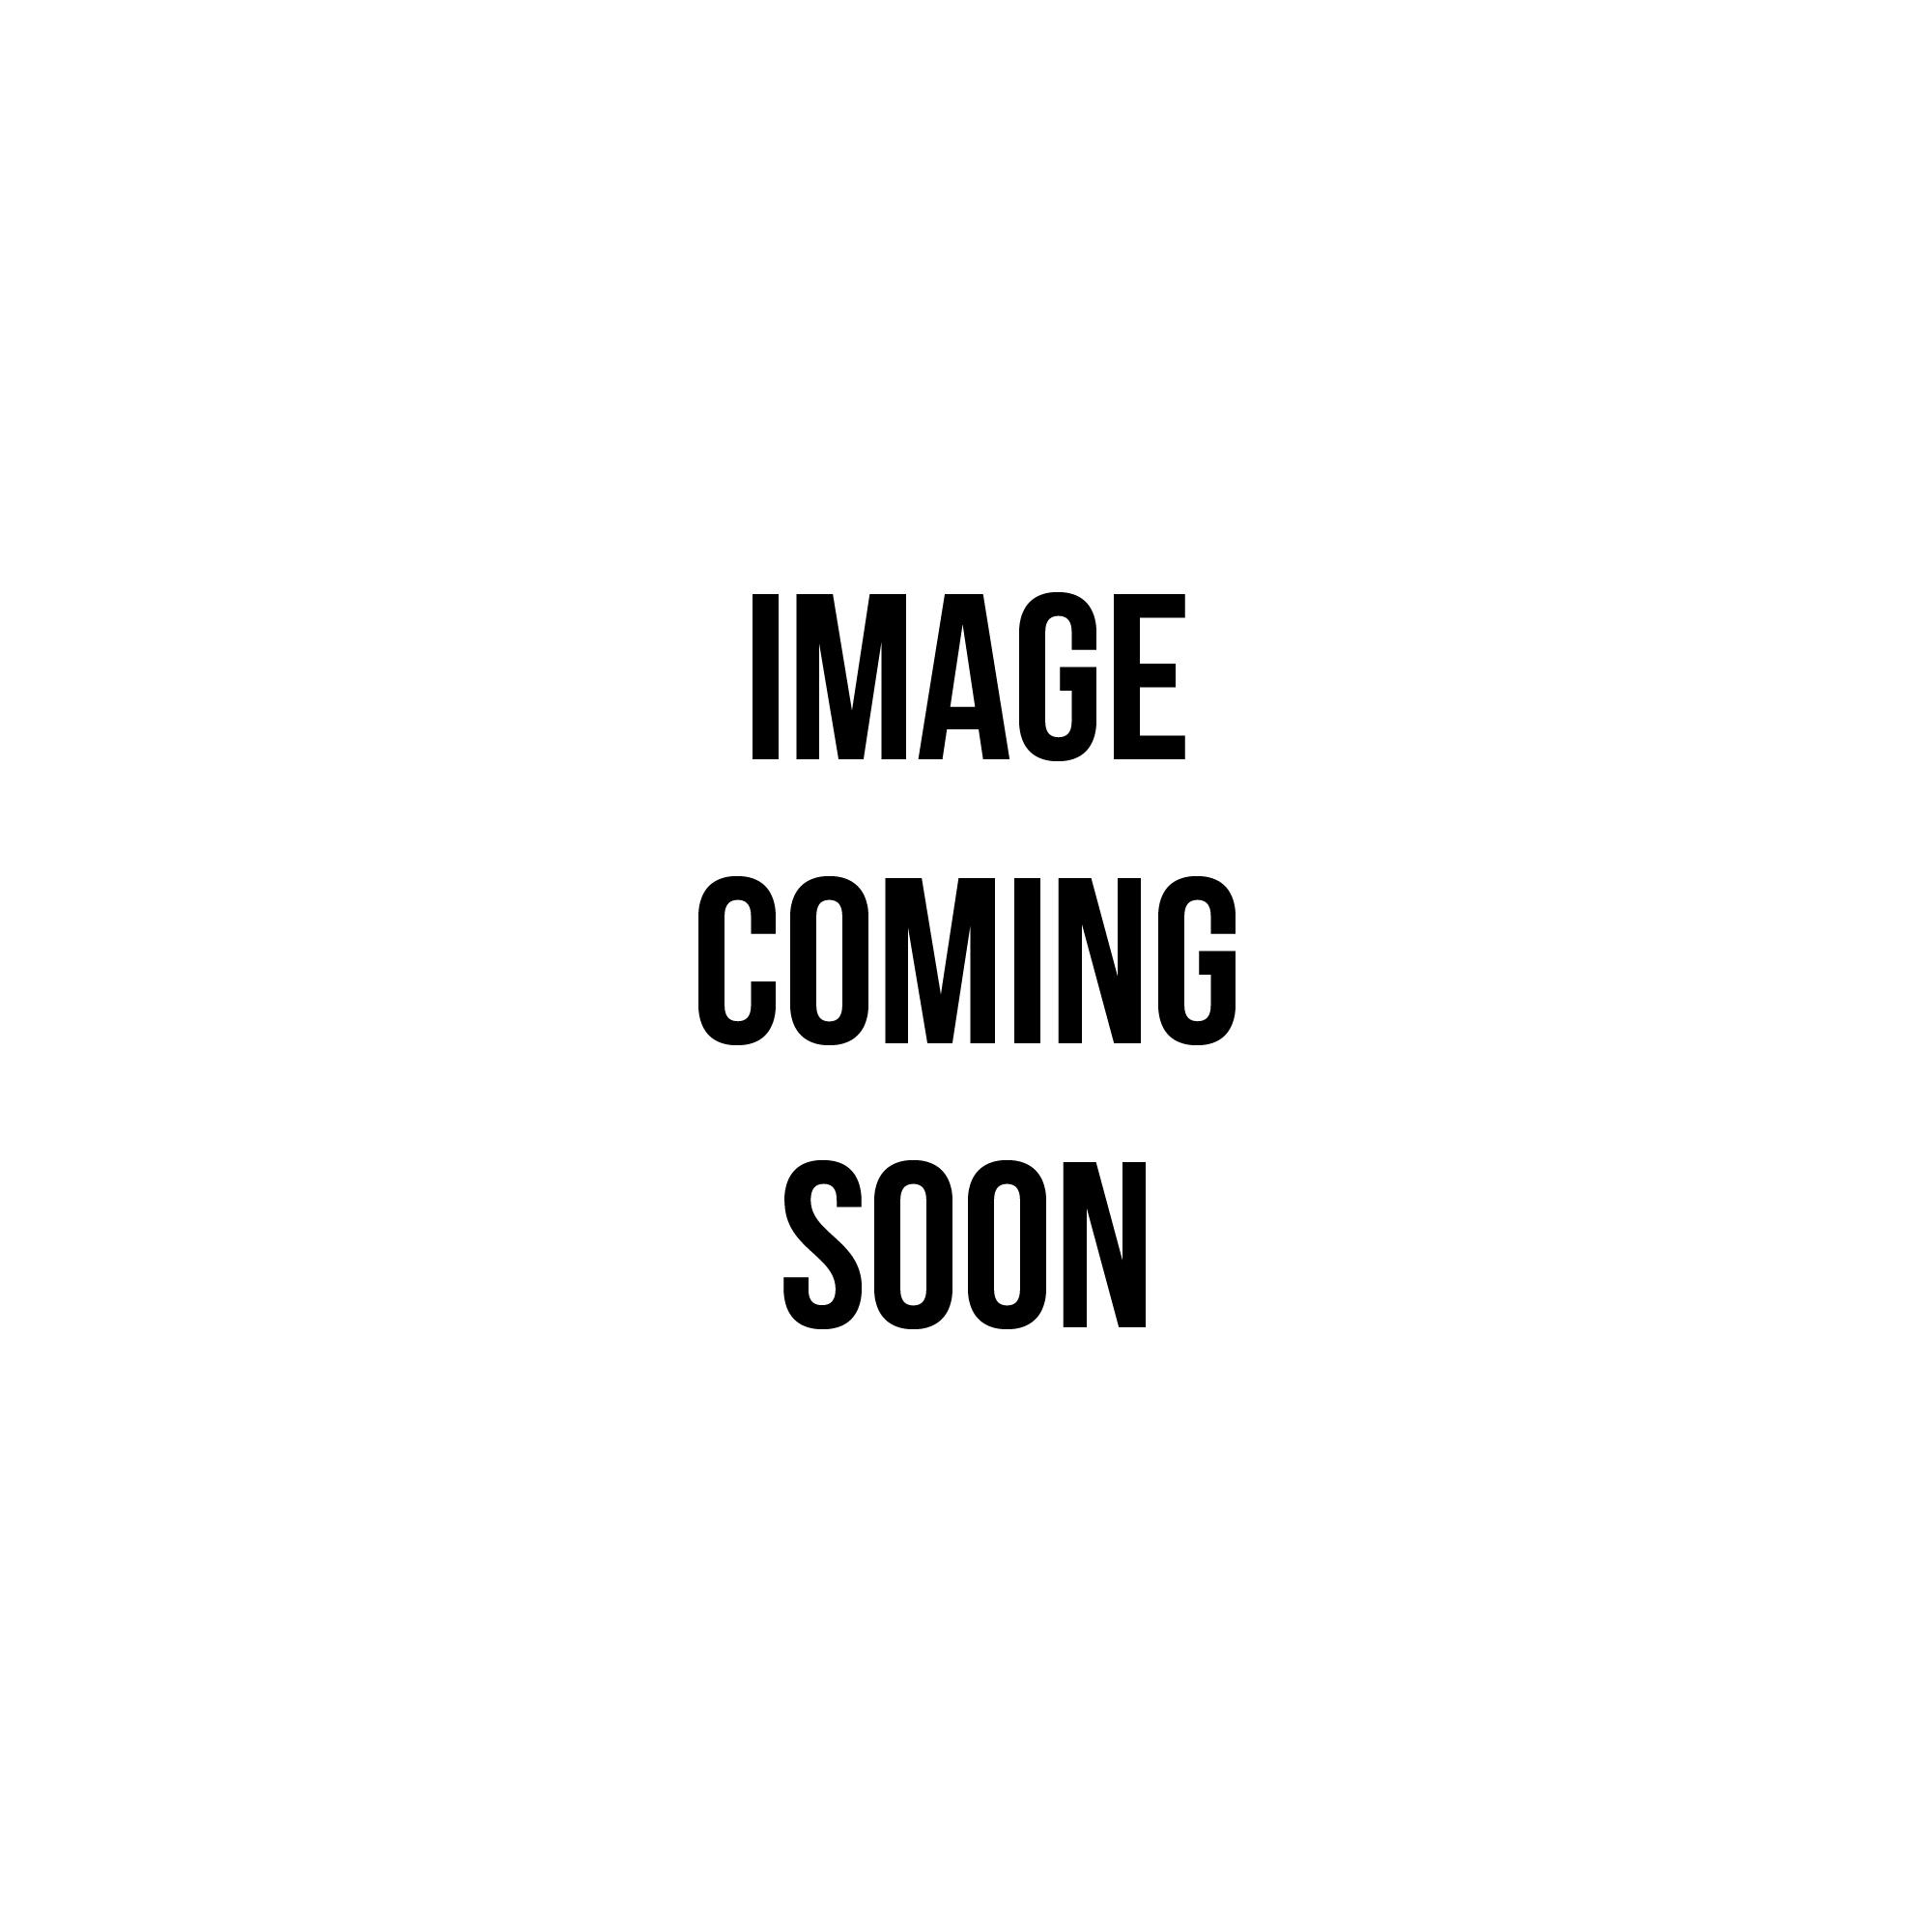 Nike Air Max 95 - Women\u0026#39;s - Running - Shoes - Black/White/Anthracite/Metallic Hematite